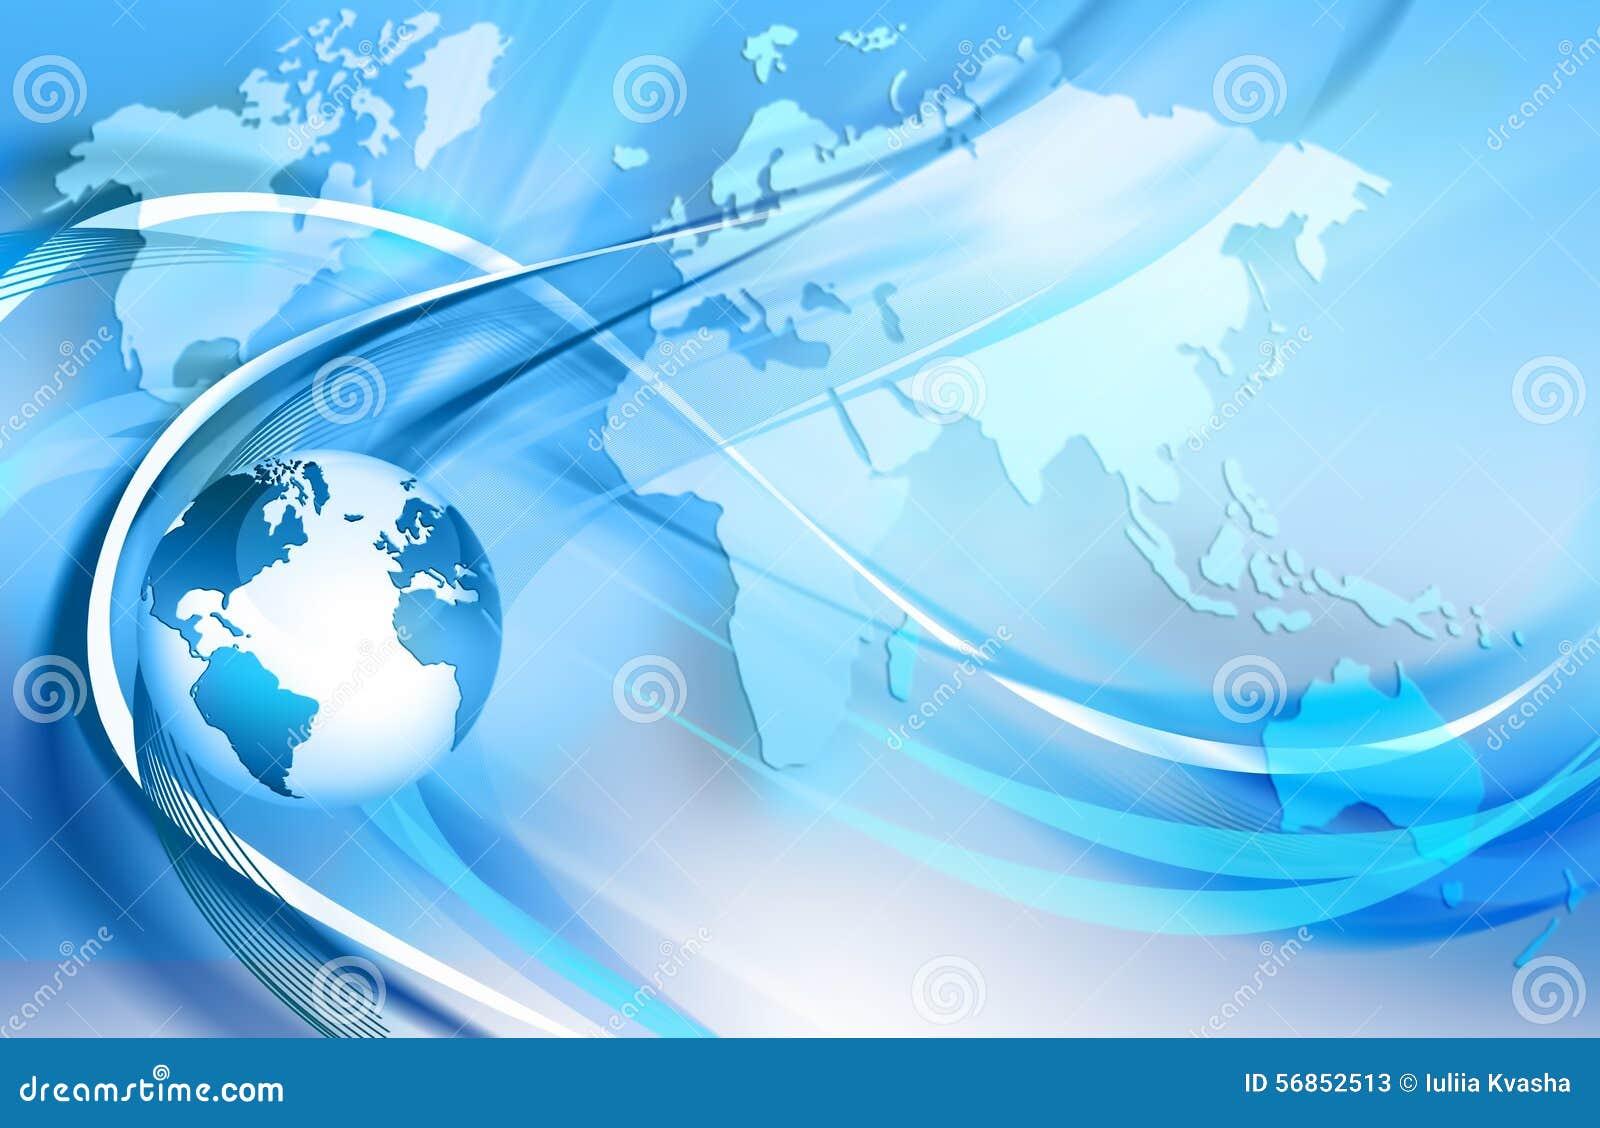 地球,象征互联网连接,无线,电视通信光线的闪光,移动通信.图片